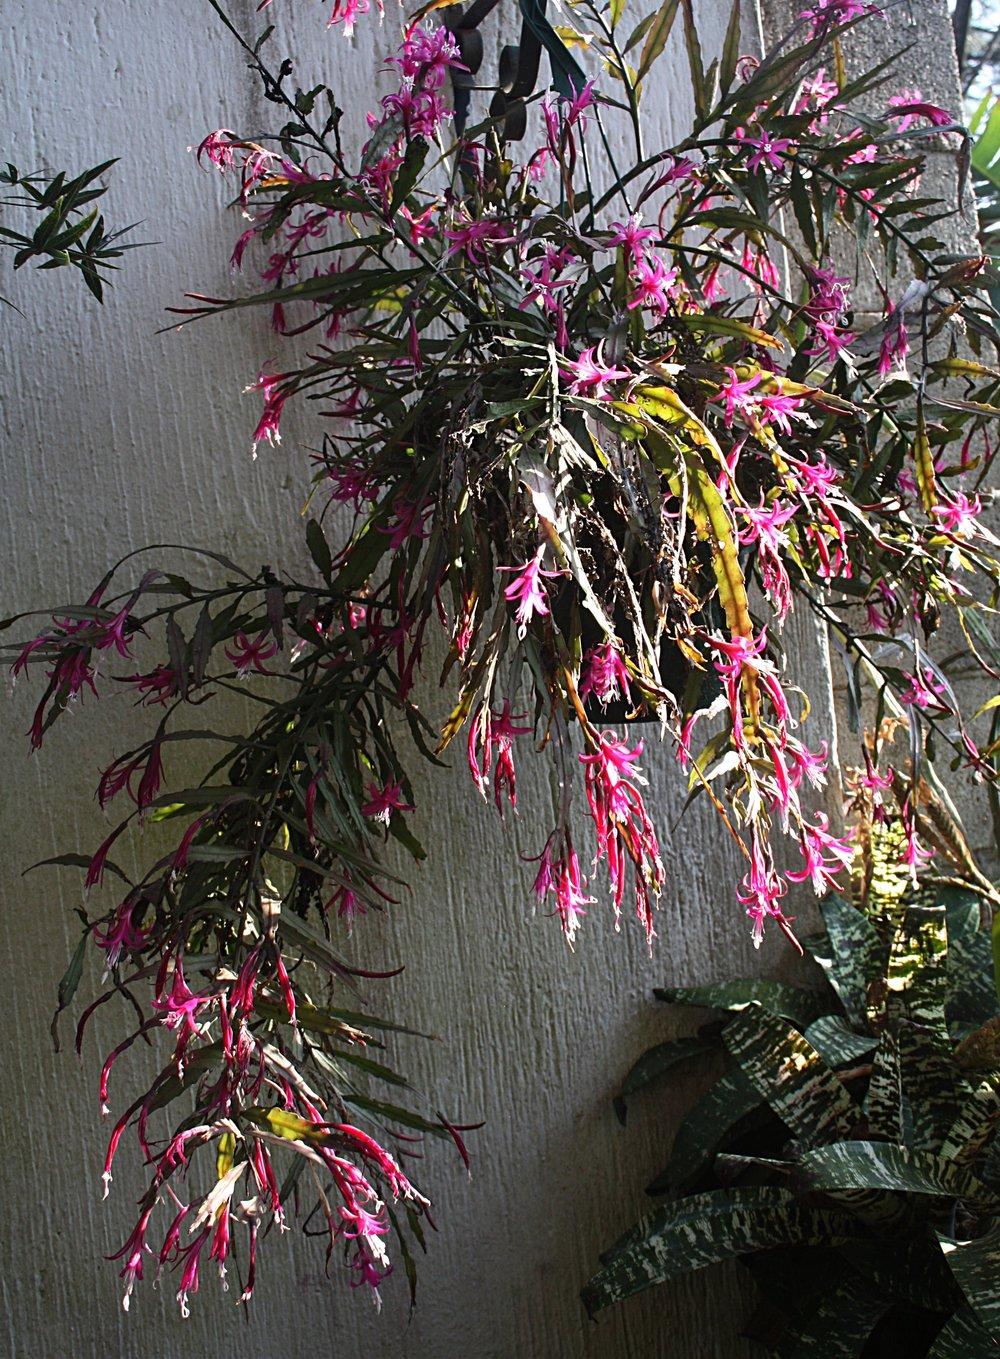 Well-flowered specimen of  Disocactus biformis  in my garden in Guatemala.